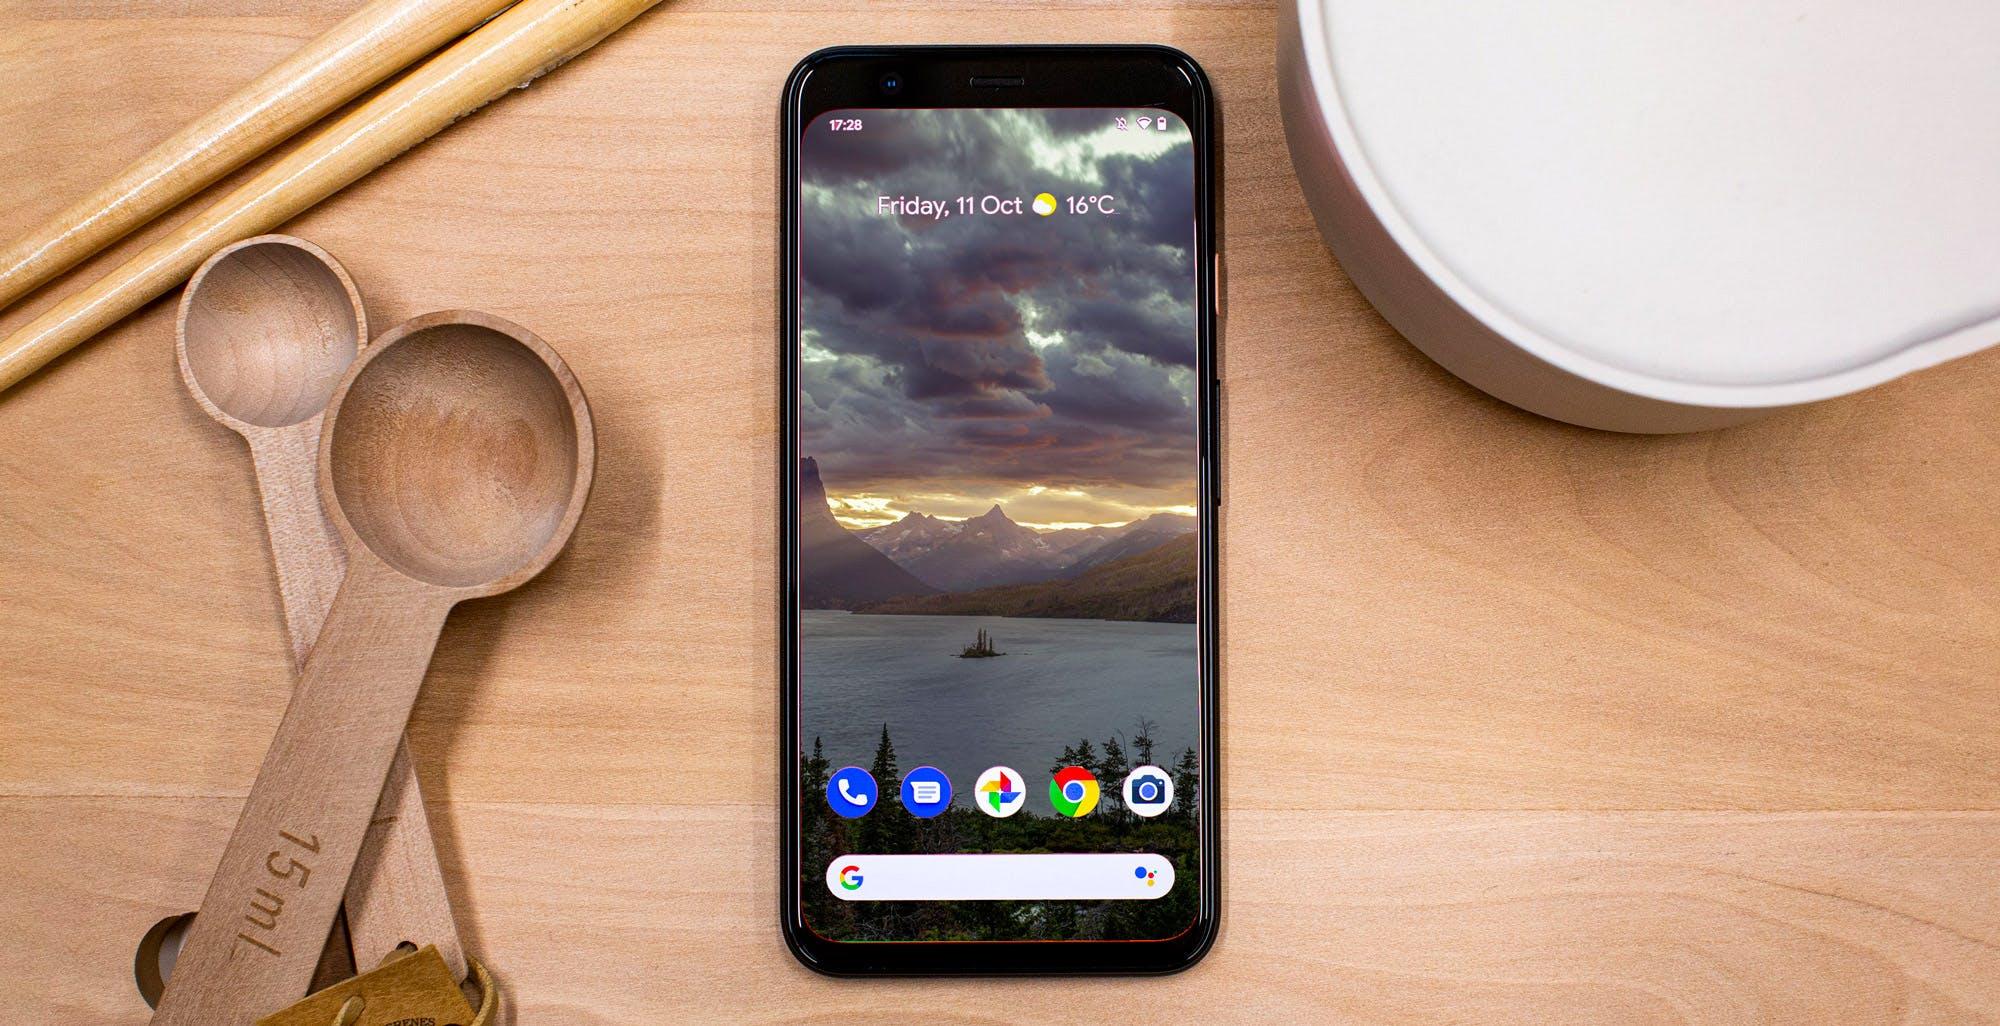 Una semplice foto di sfondo può bloccare il tuo telefono Android. Ecco perchè